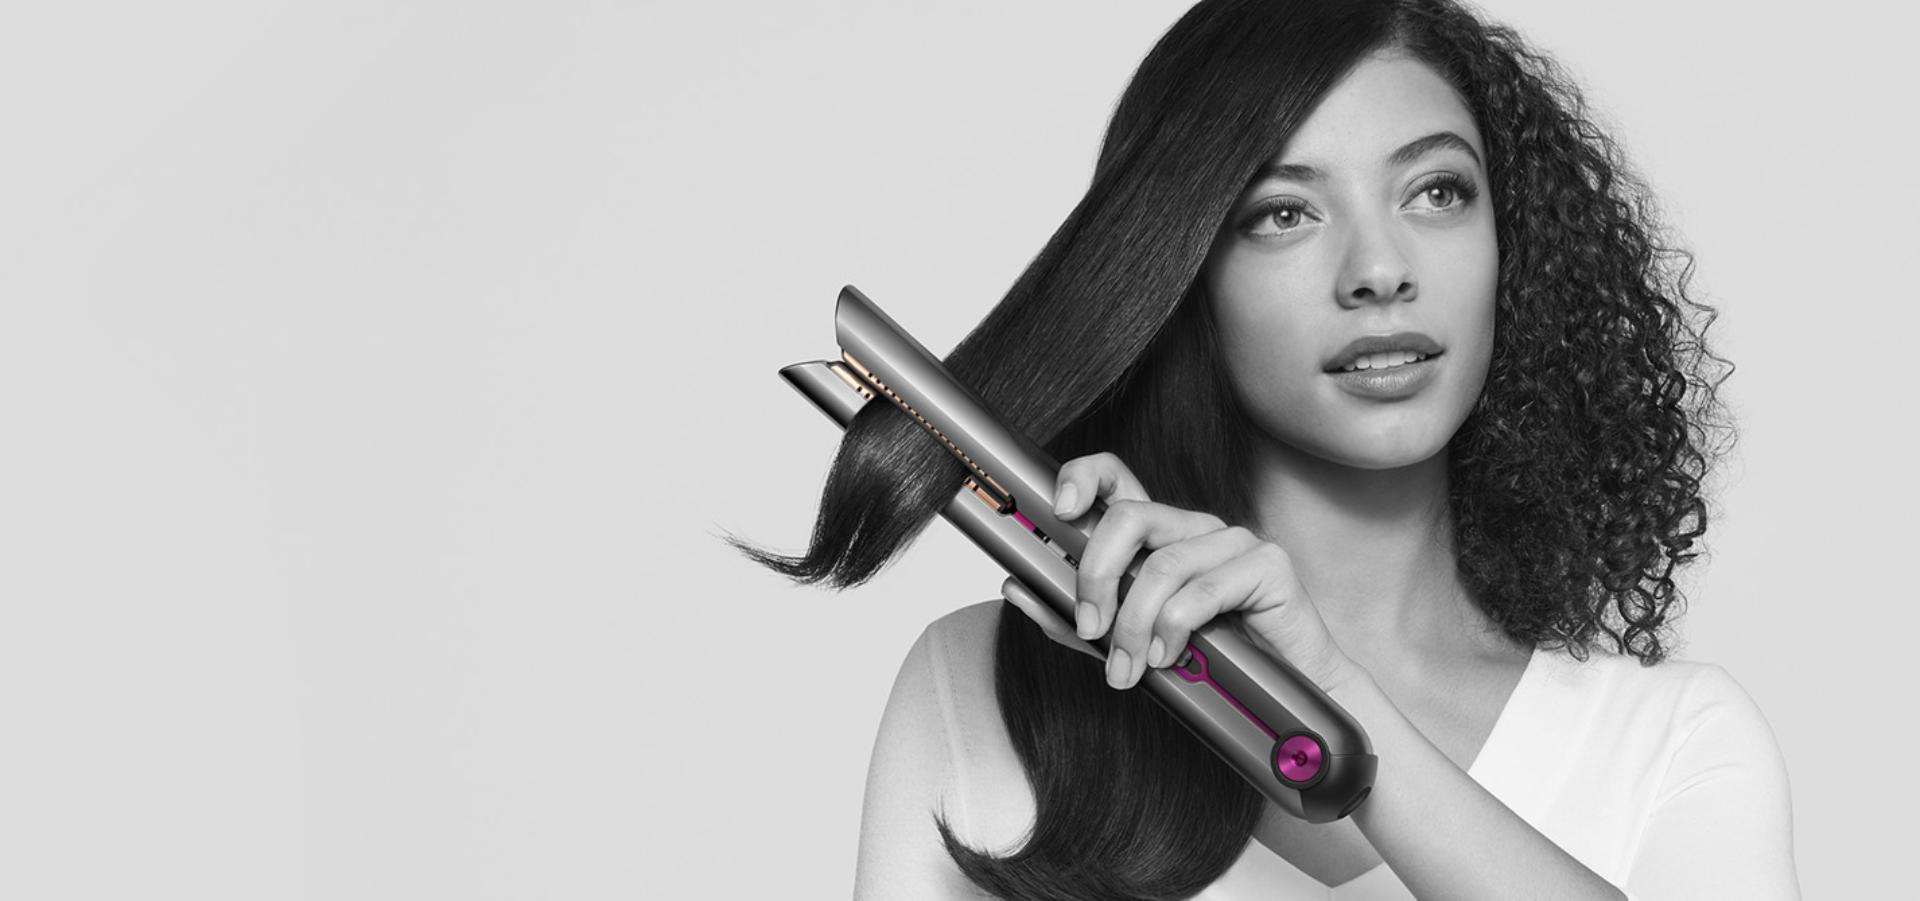 Kadın Dyson Corrale™ saç düzleştiriciyi kullanıyor